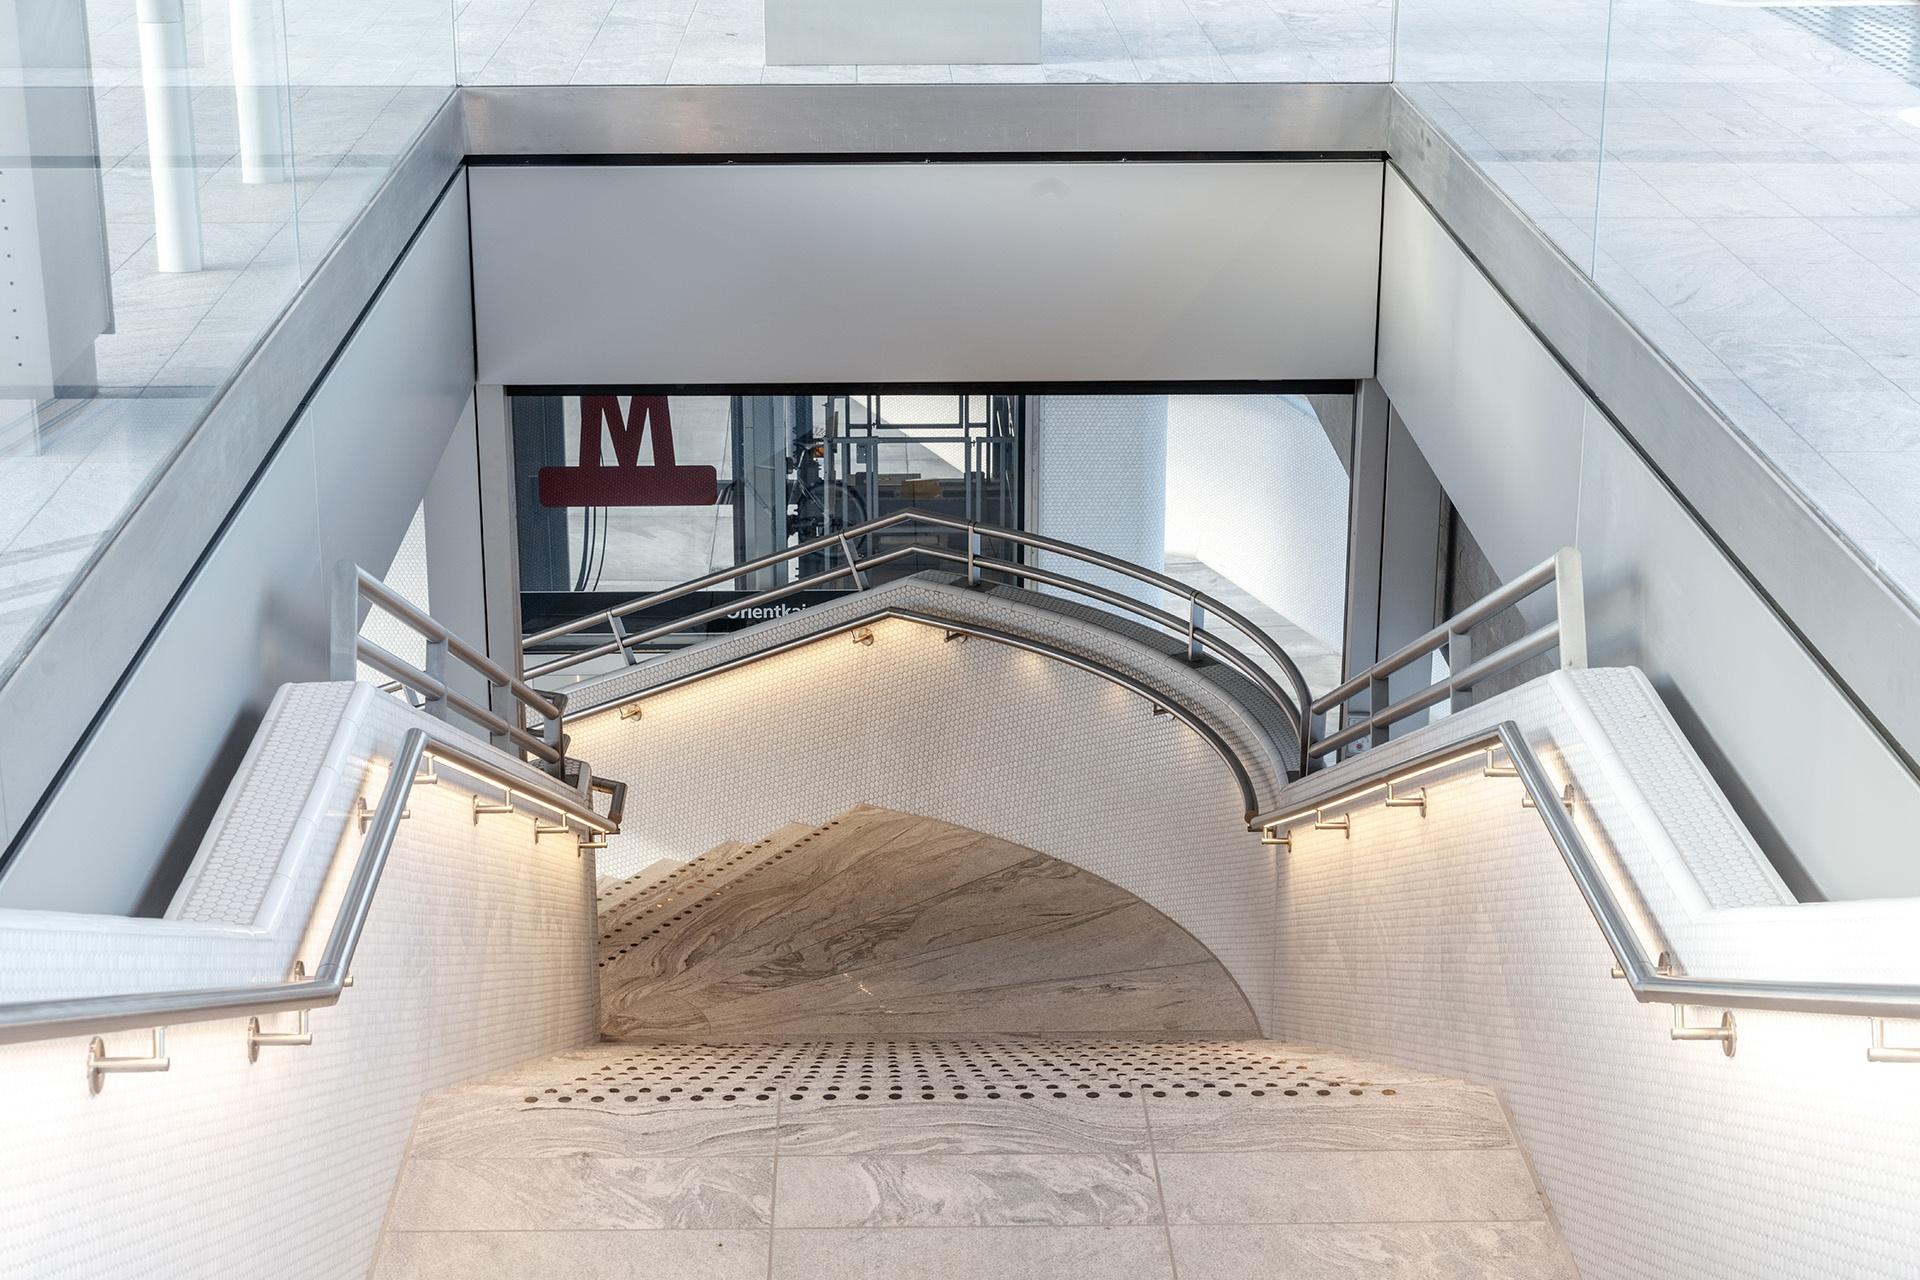 R_Hjortshoj - Metro Orientkaj WEB-49